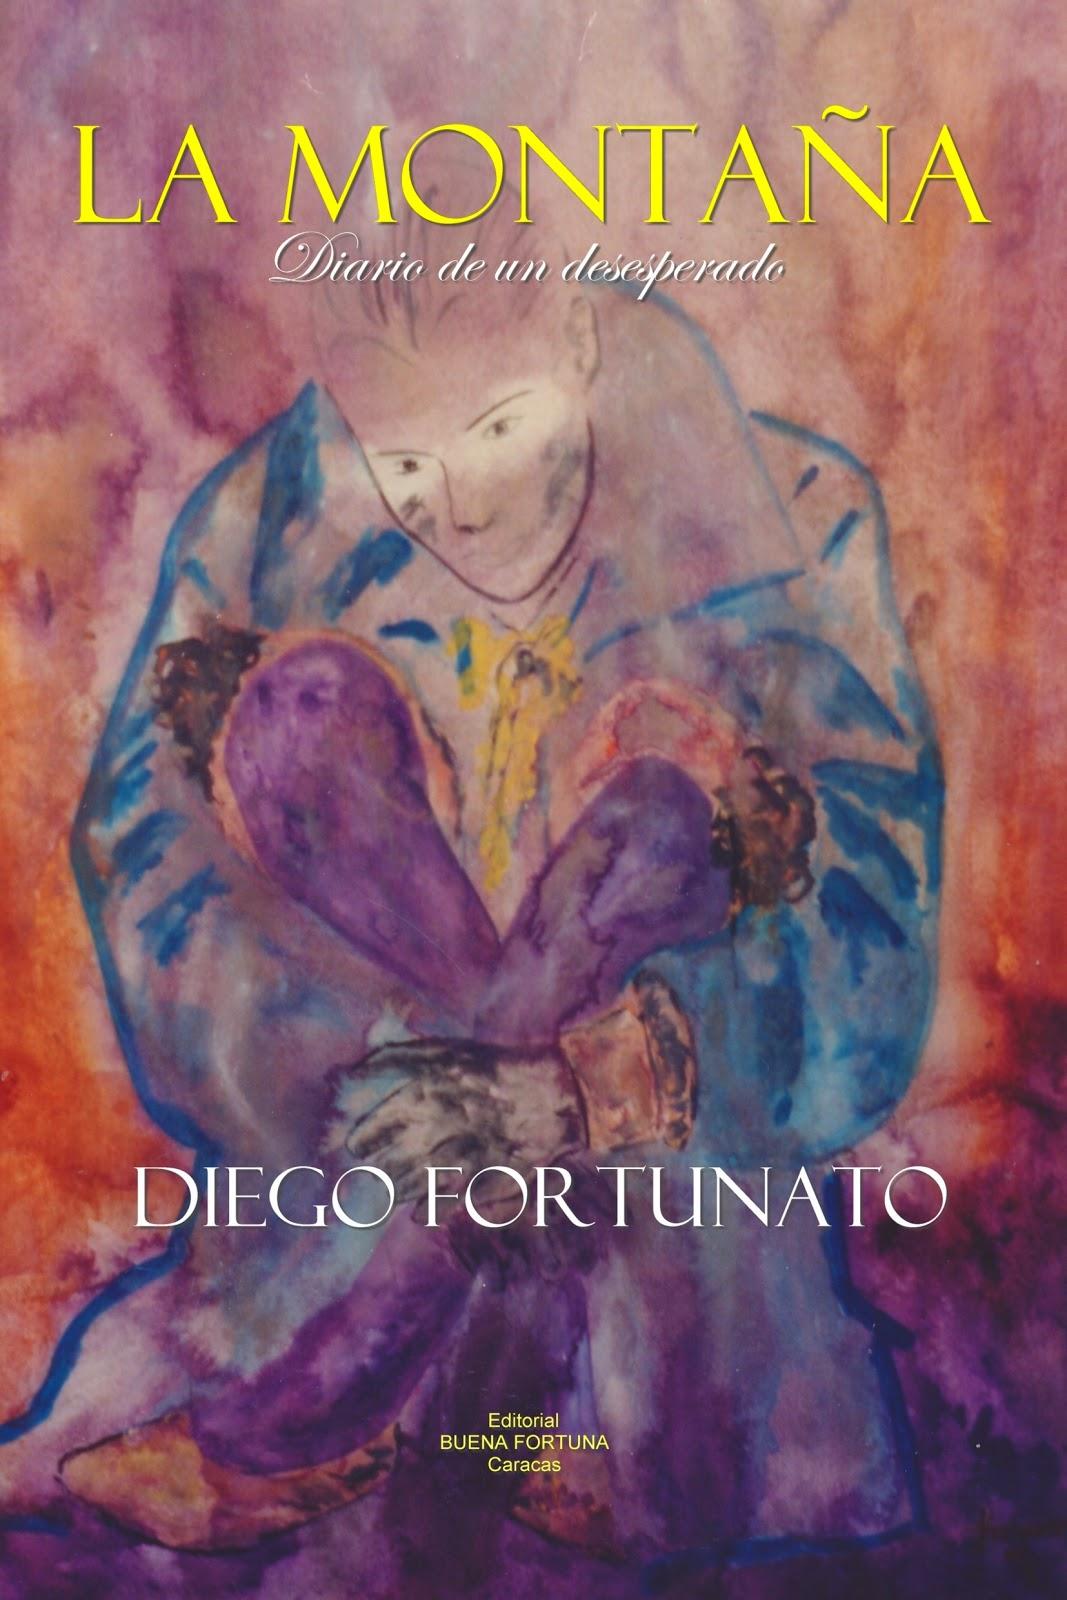 Diego Fortunato : LA MONTAÑA (Diario de un desesperado)©